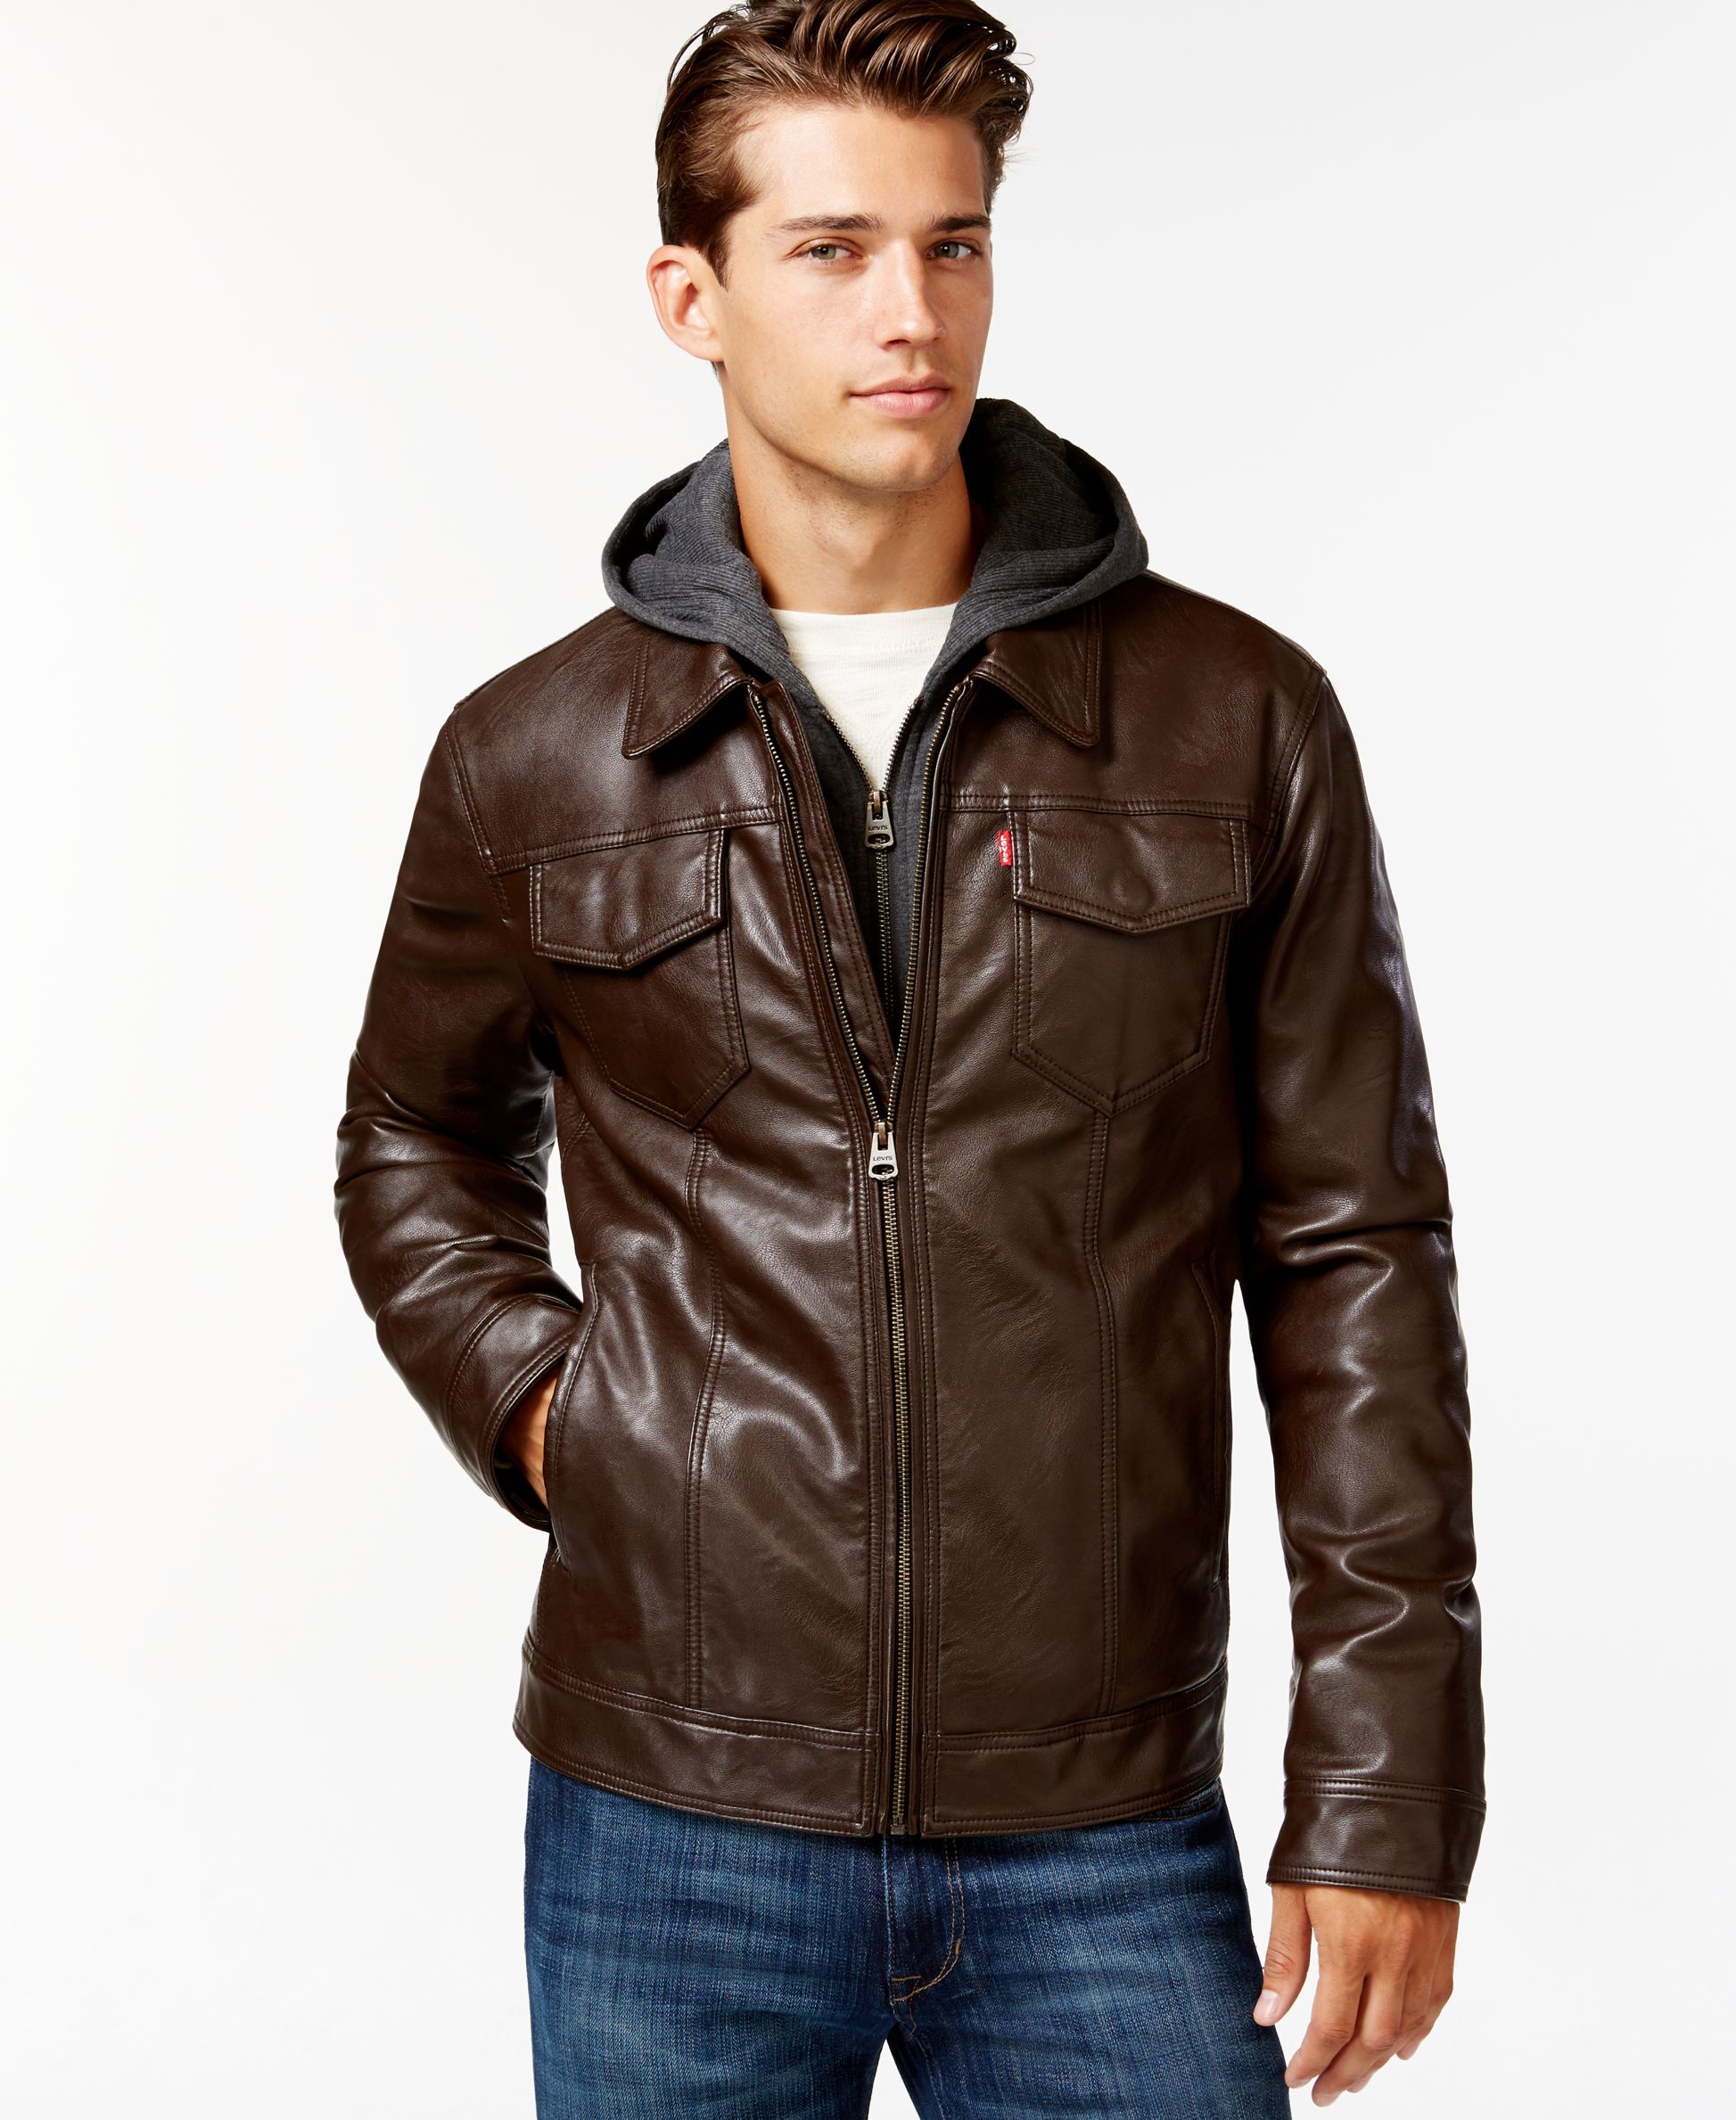 Levi S Faux Leather Hoodie Trucker Jacket Coats Jackets Men Macy S Faux Leather Hoodie Trucker Jacket Jackets [ 2378 x 1947 Pixel ]